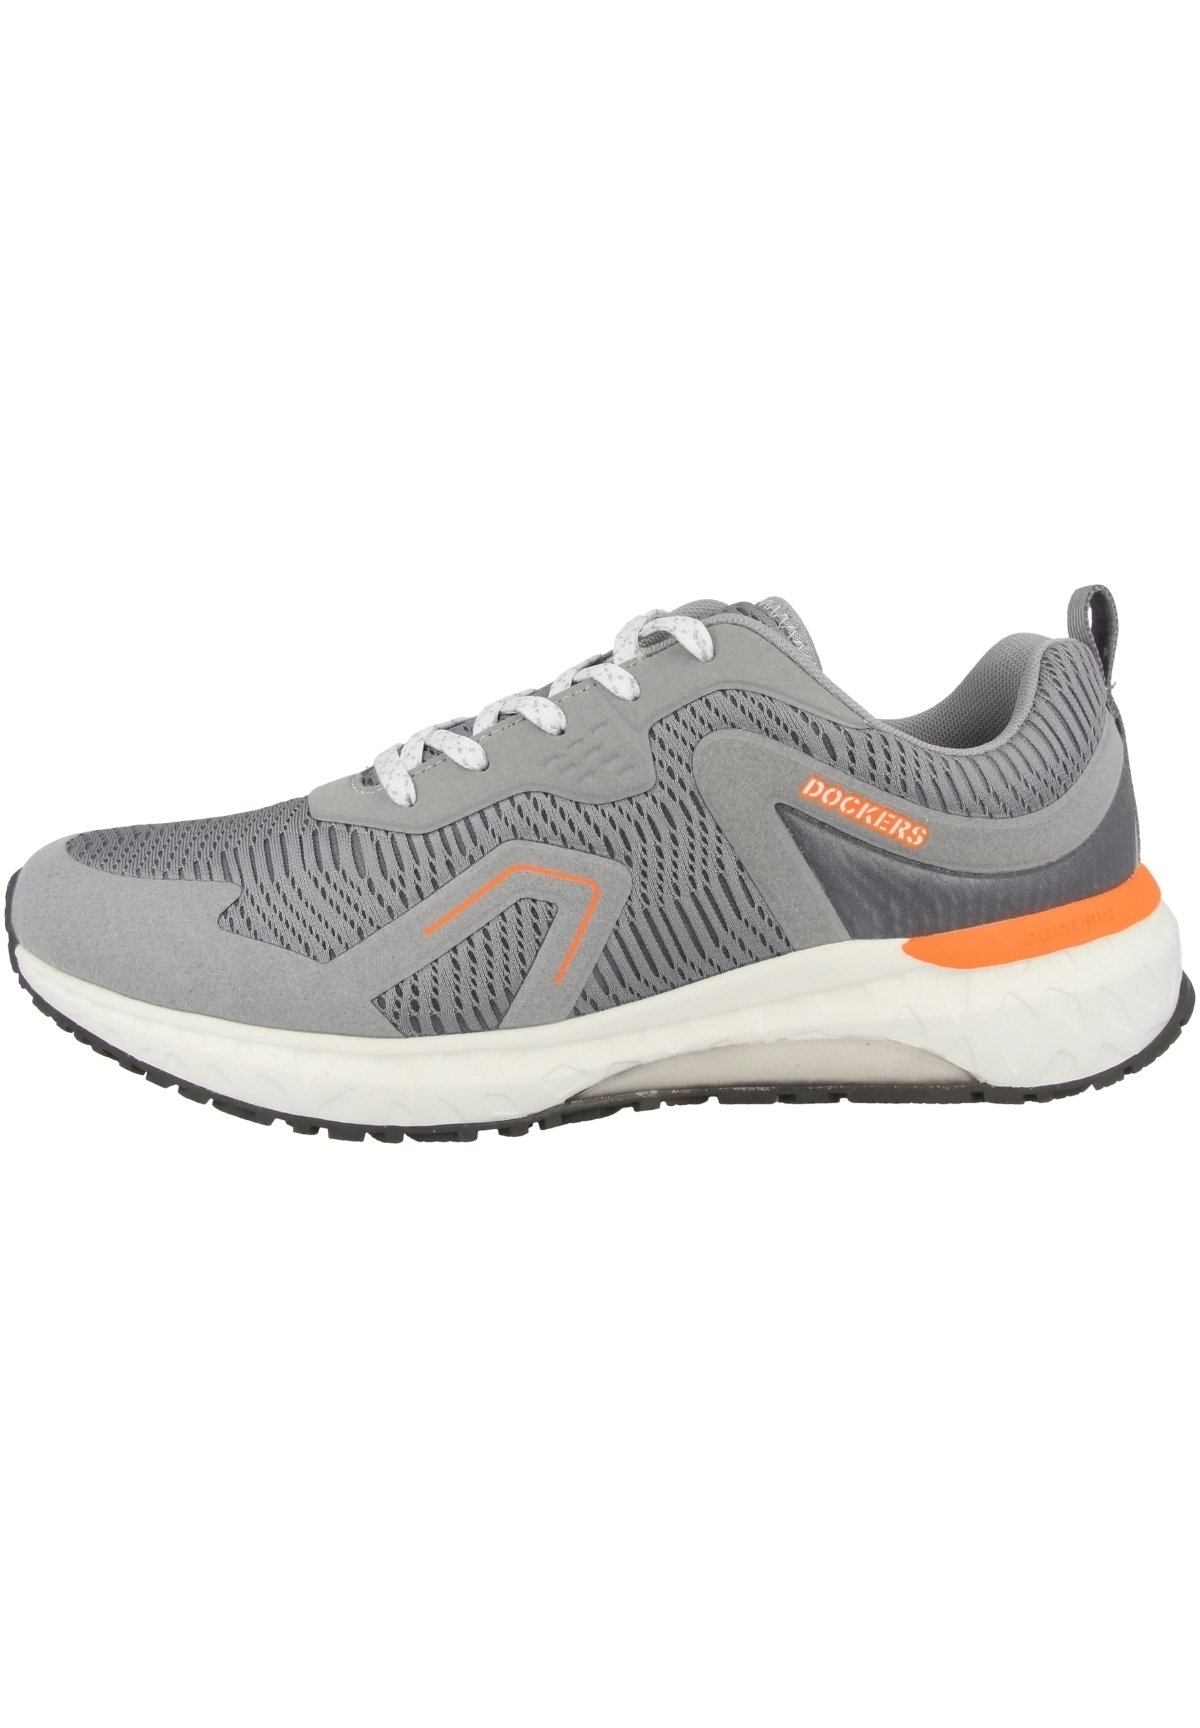 Herren Sneaker low - light grey